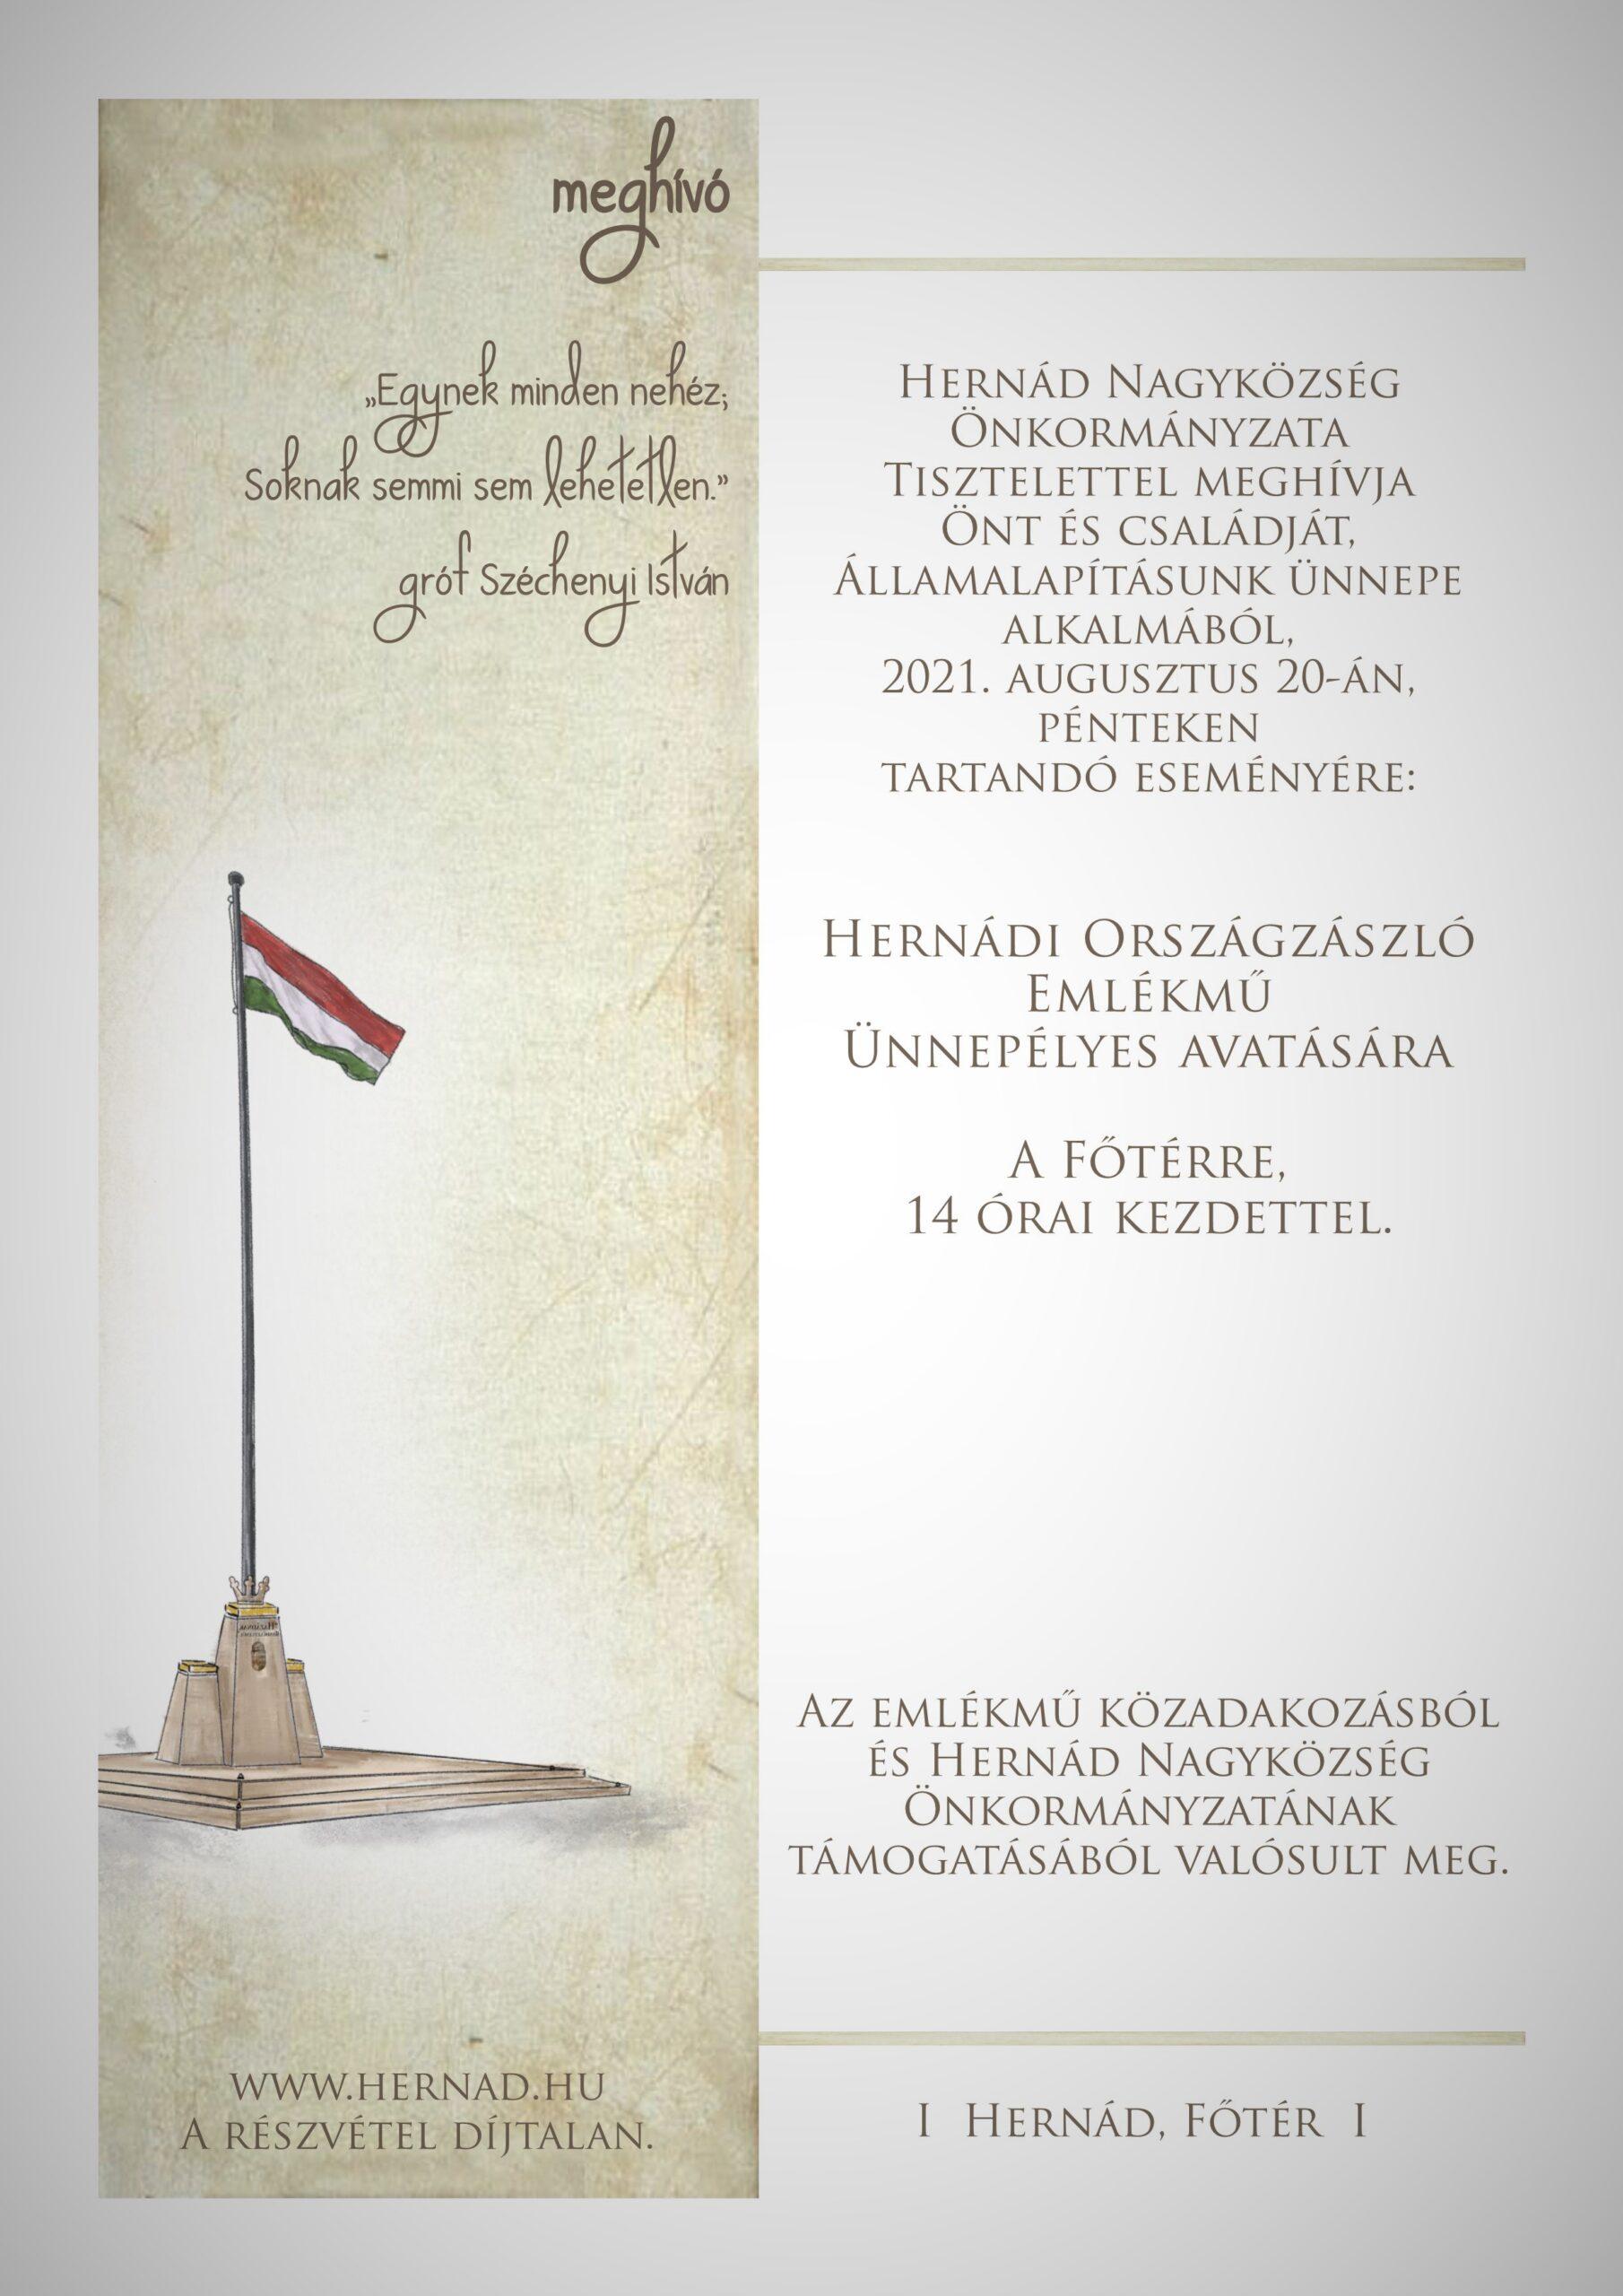 Emlékmű avatás augusztus 20-án